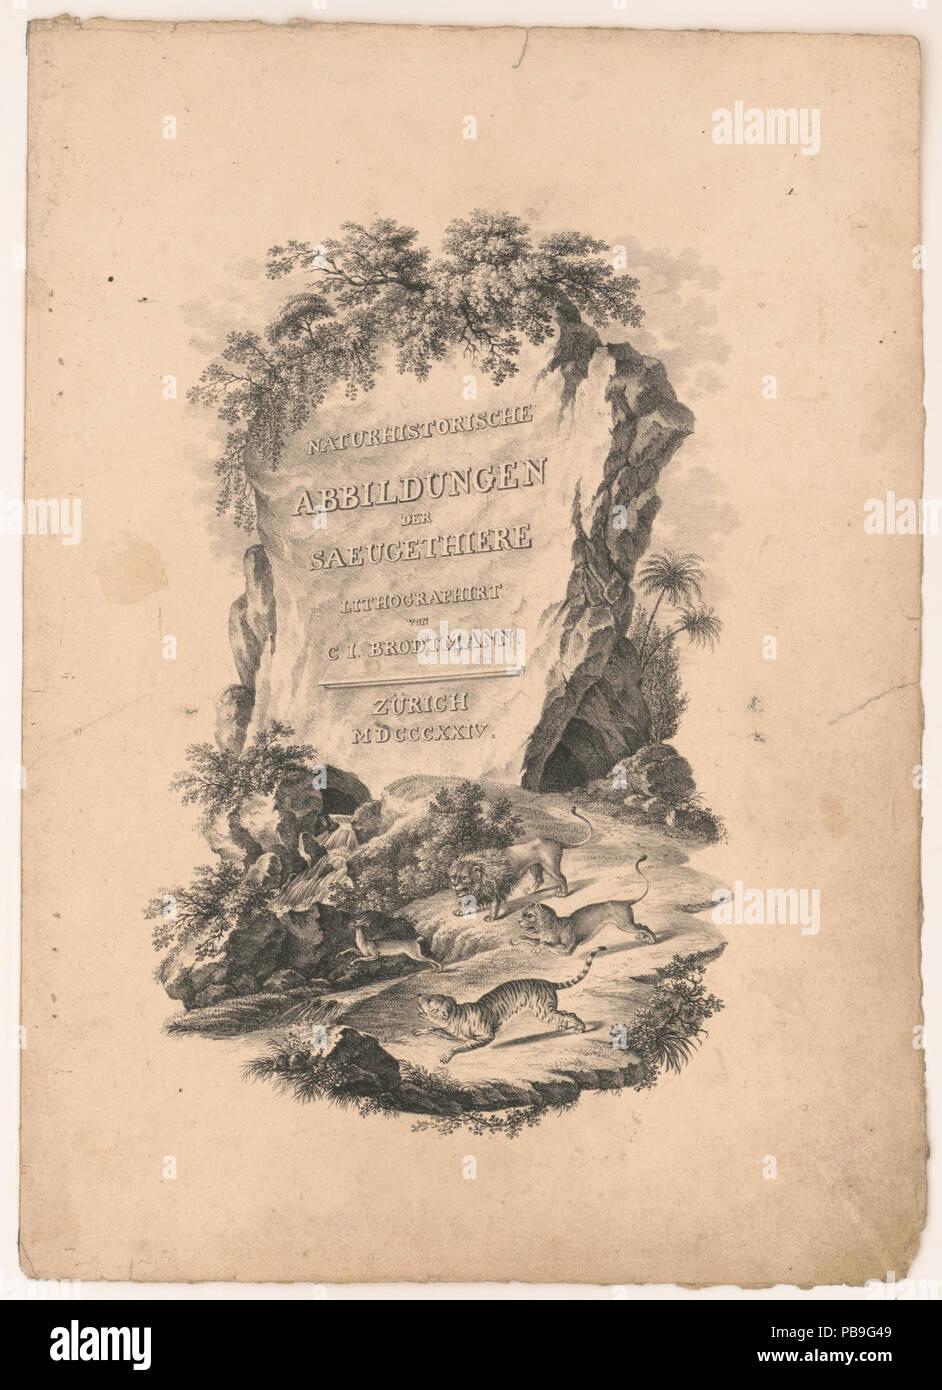 1084 Naturhistorische abbildungen der saeugethiere LCCN2002736912 - Stock Image